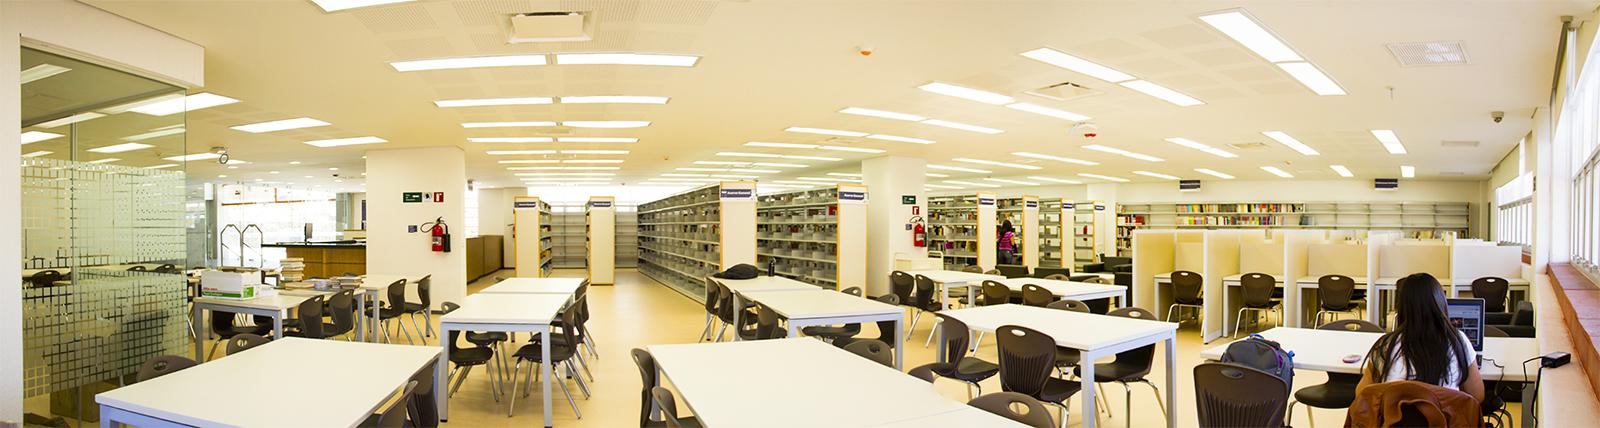 Biblioteca 04